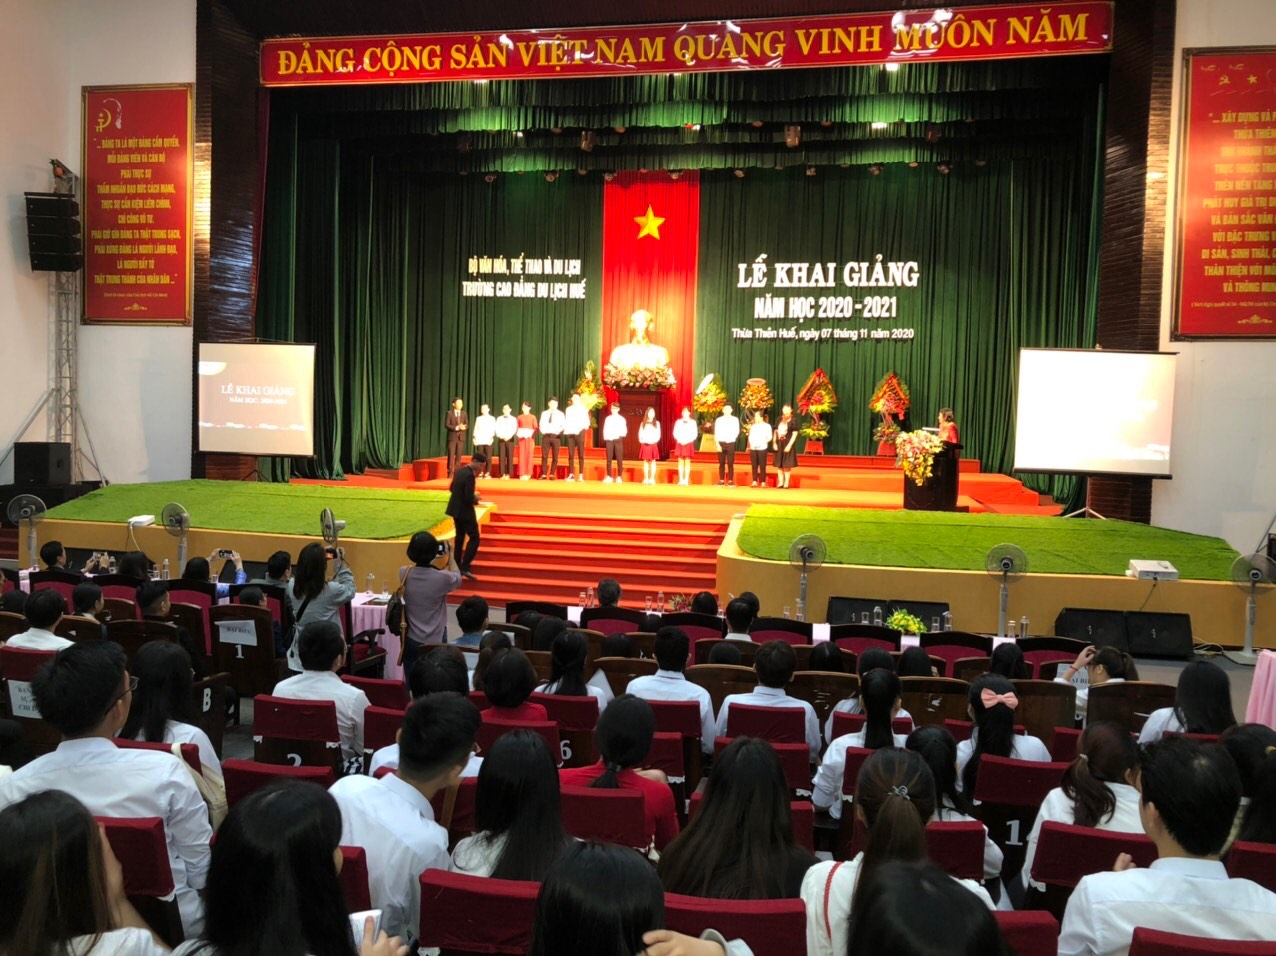 Trường Cao đẳng Du lịch Huế khai giảng năm học 2020 - 2021